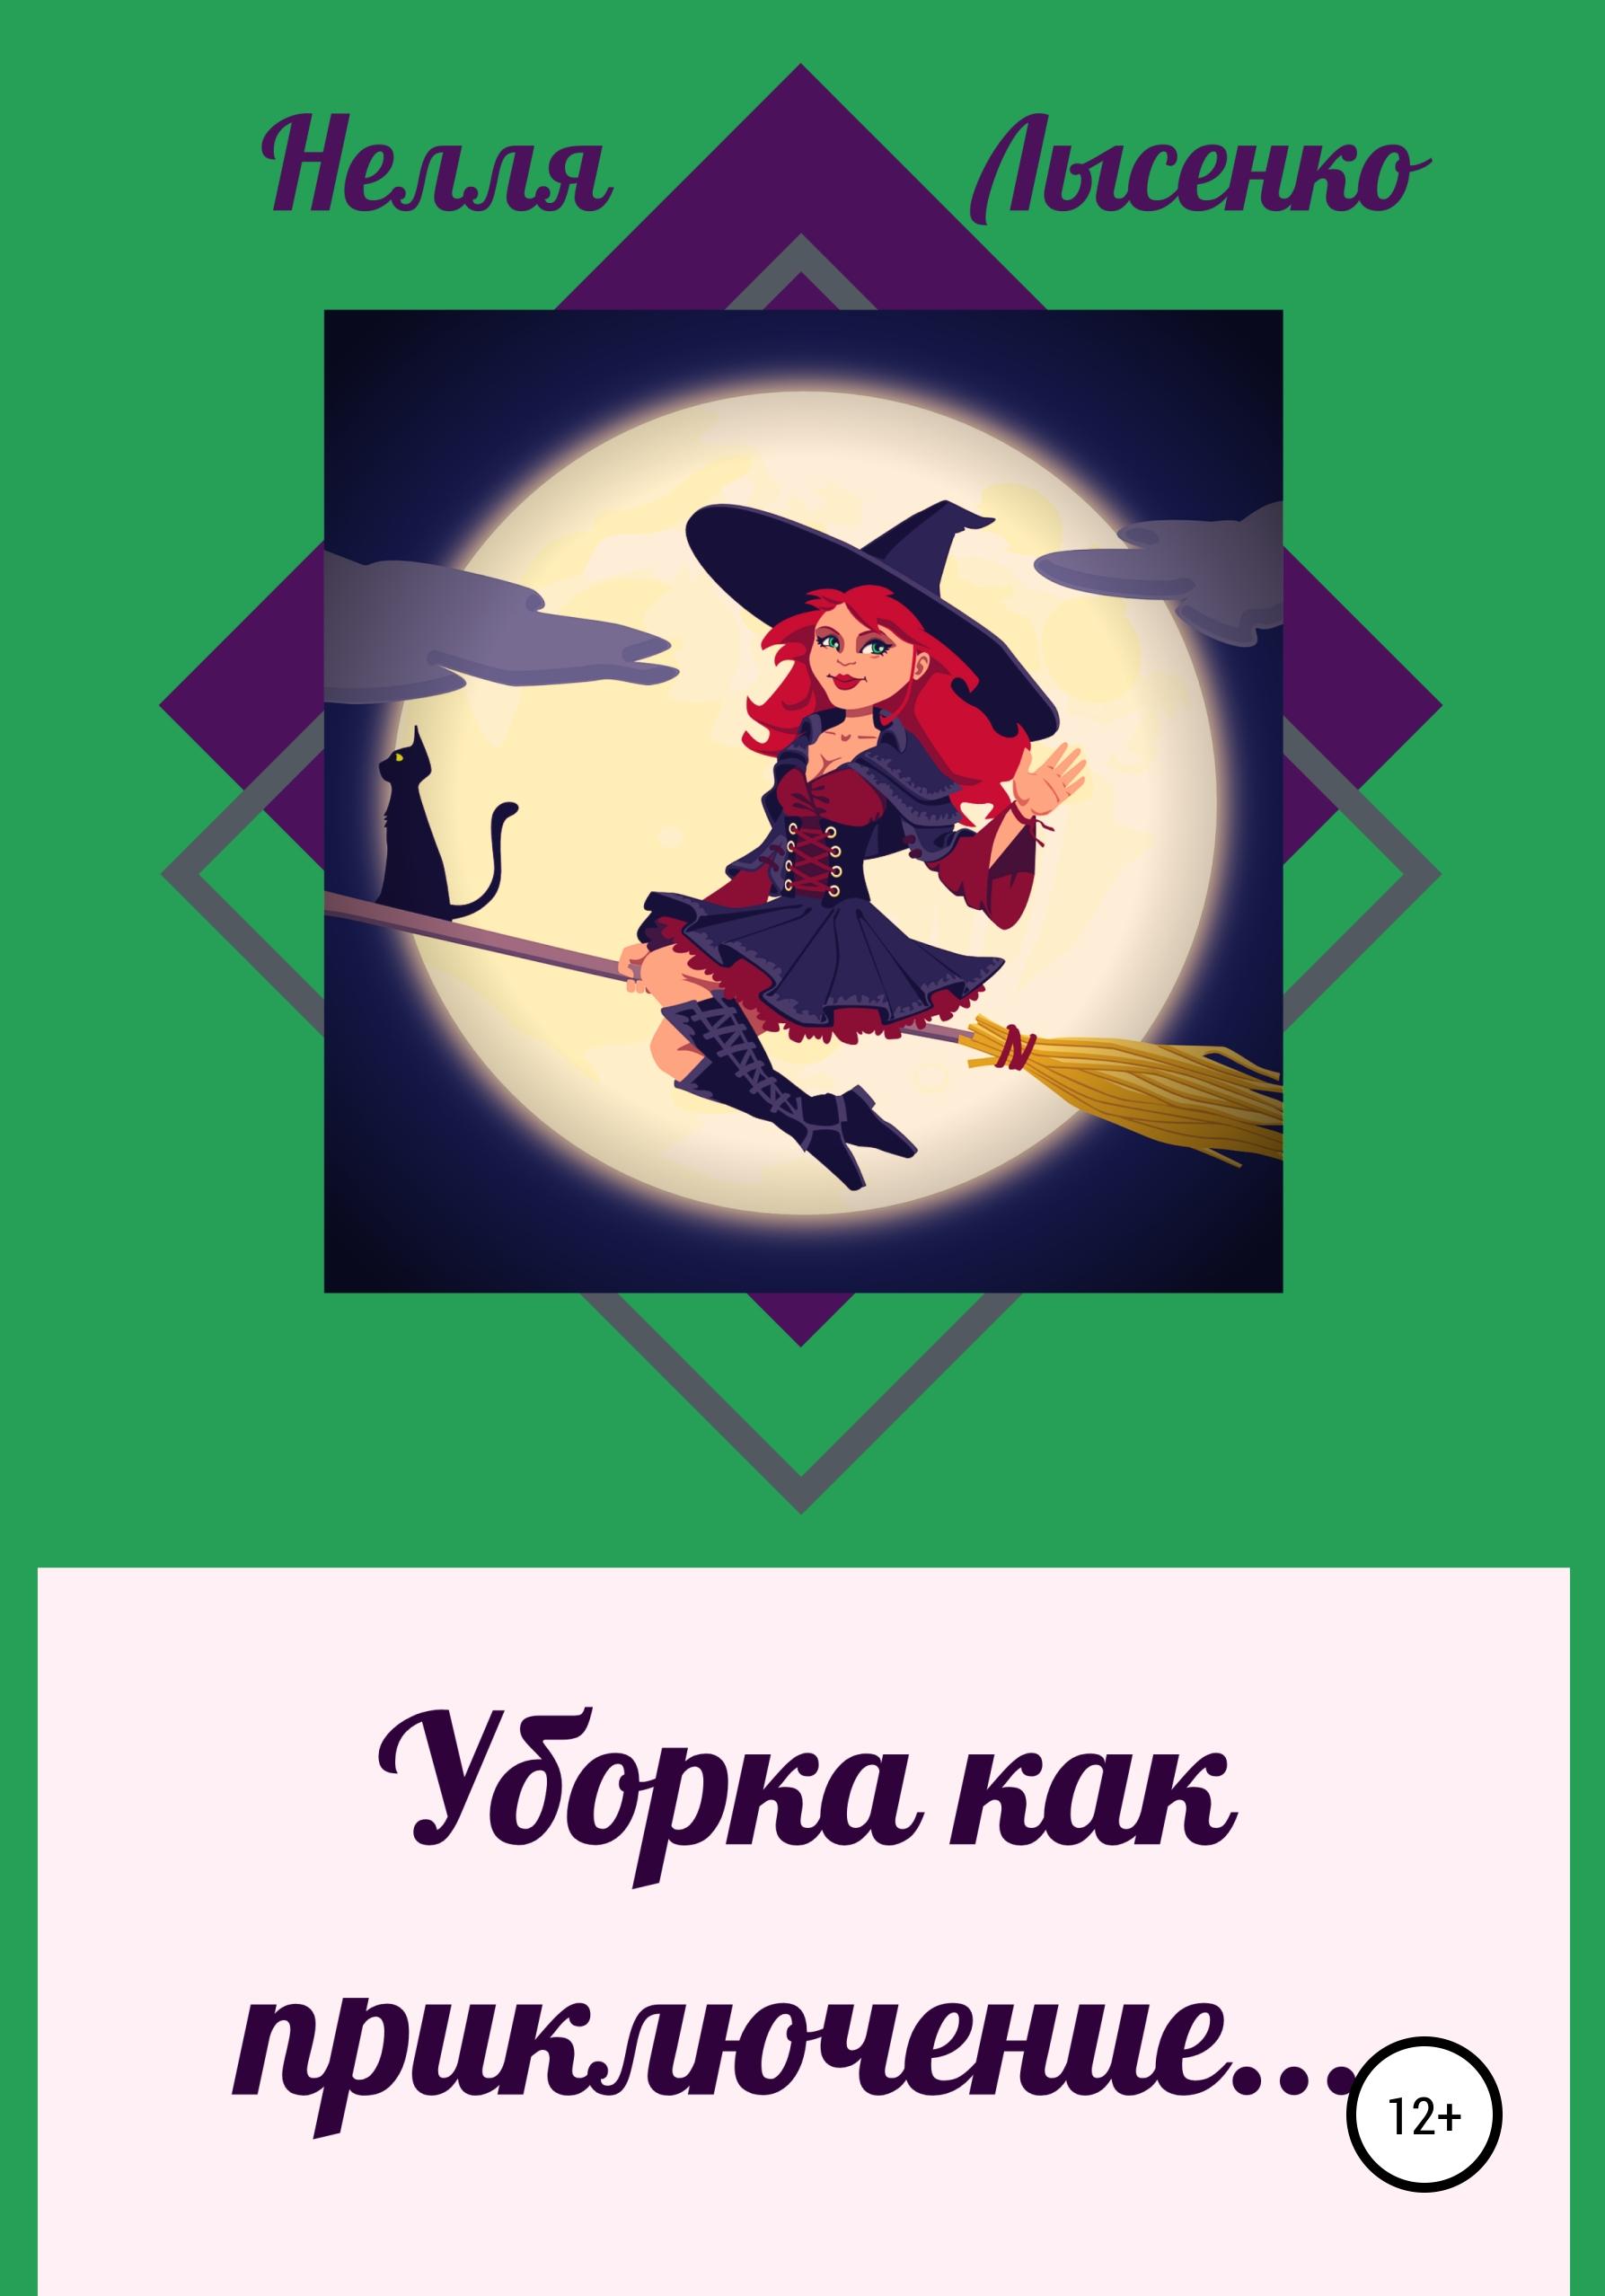 Нелля Лысенко - Радость или Гадость? Уникальная методика расхламления